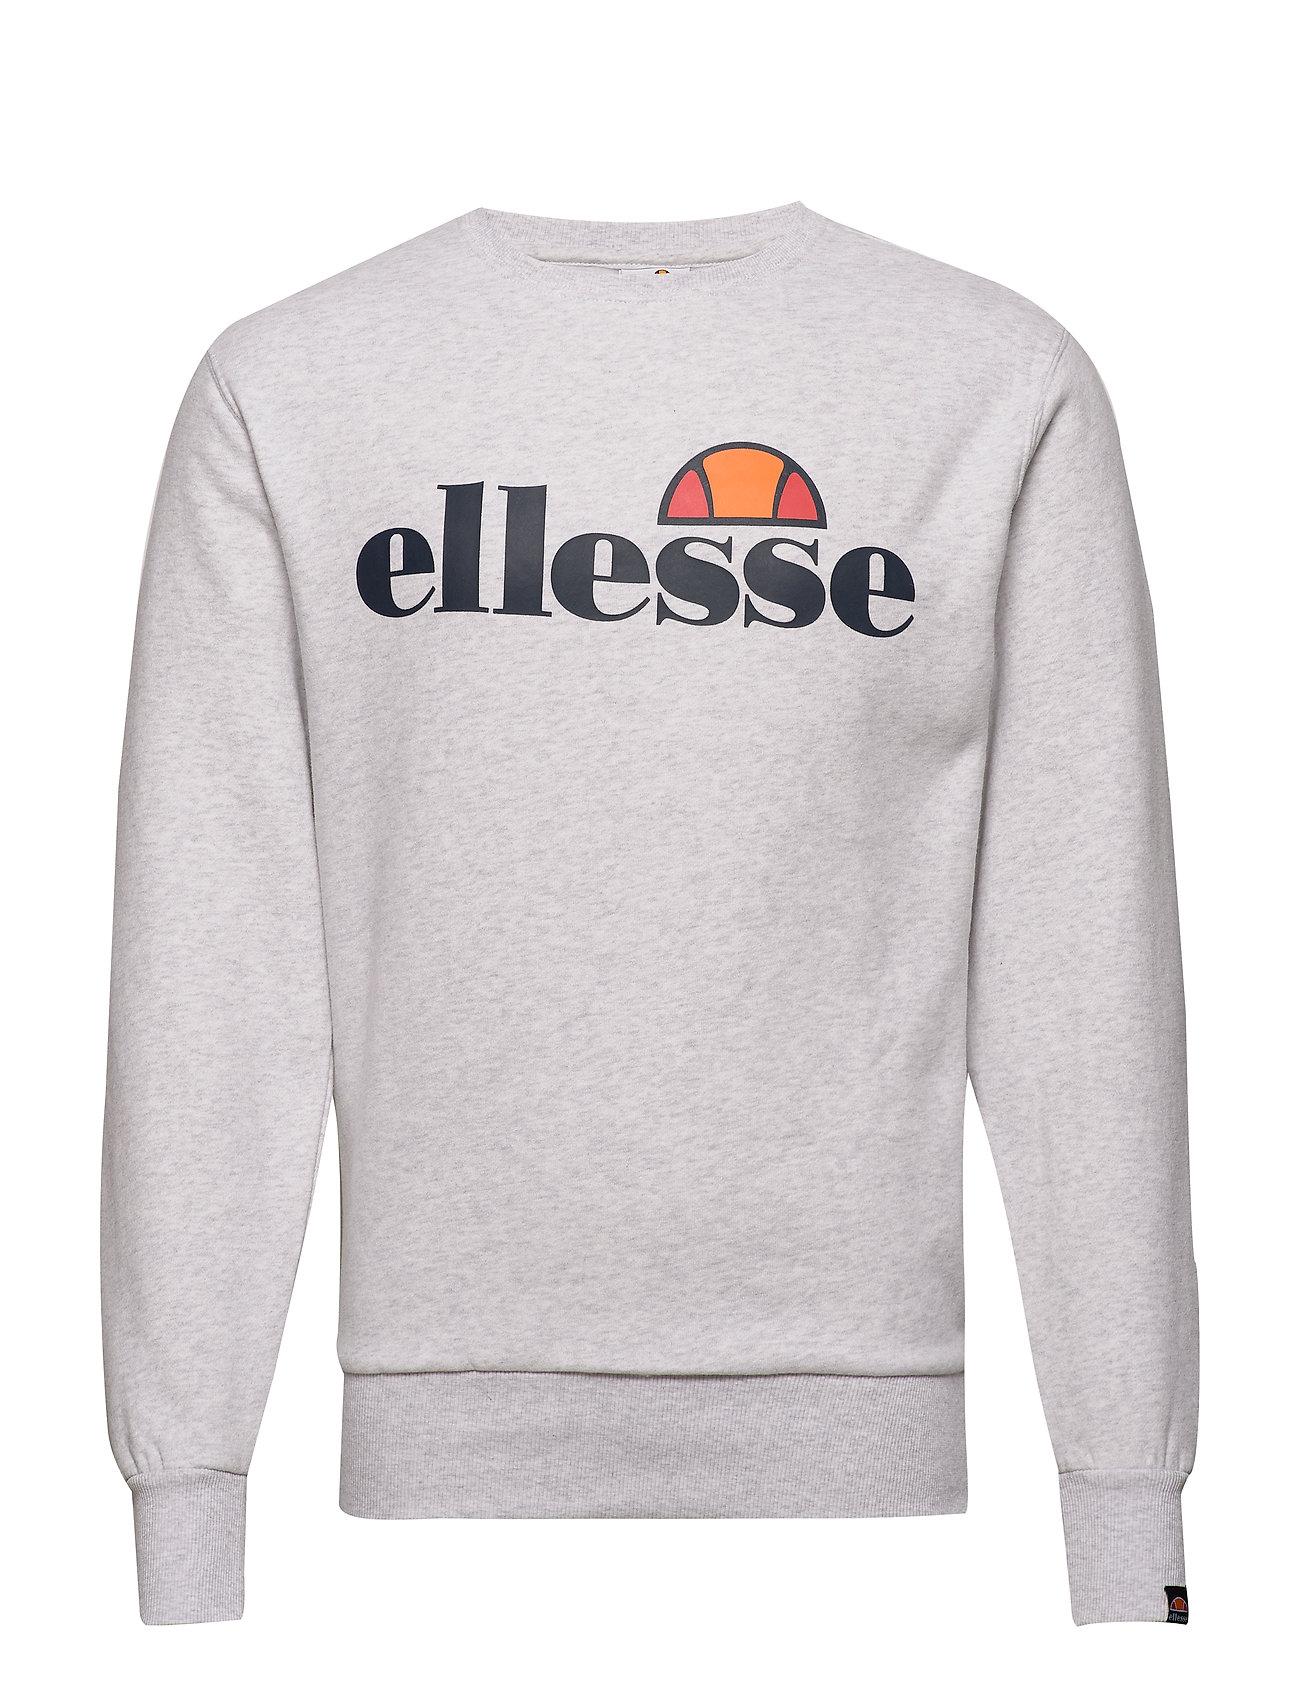 ellesse sweater grey hoodie 60